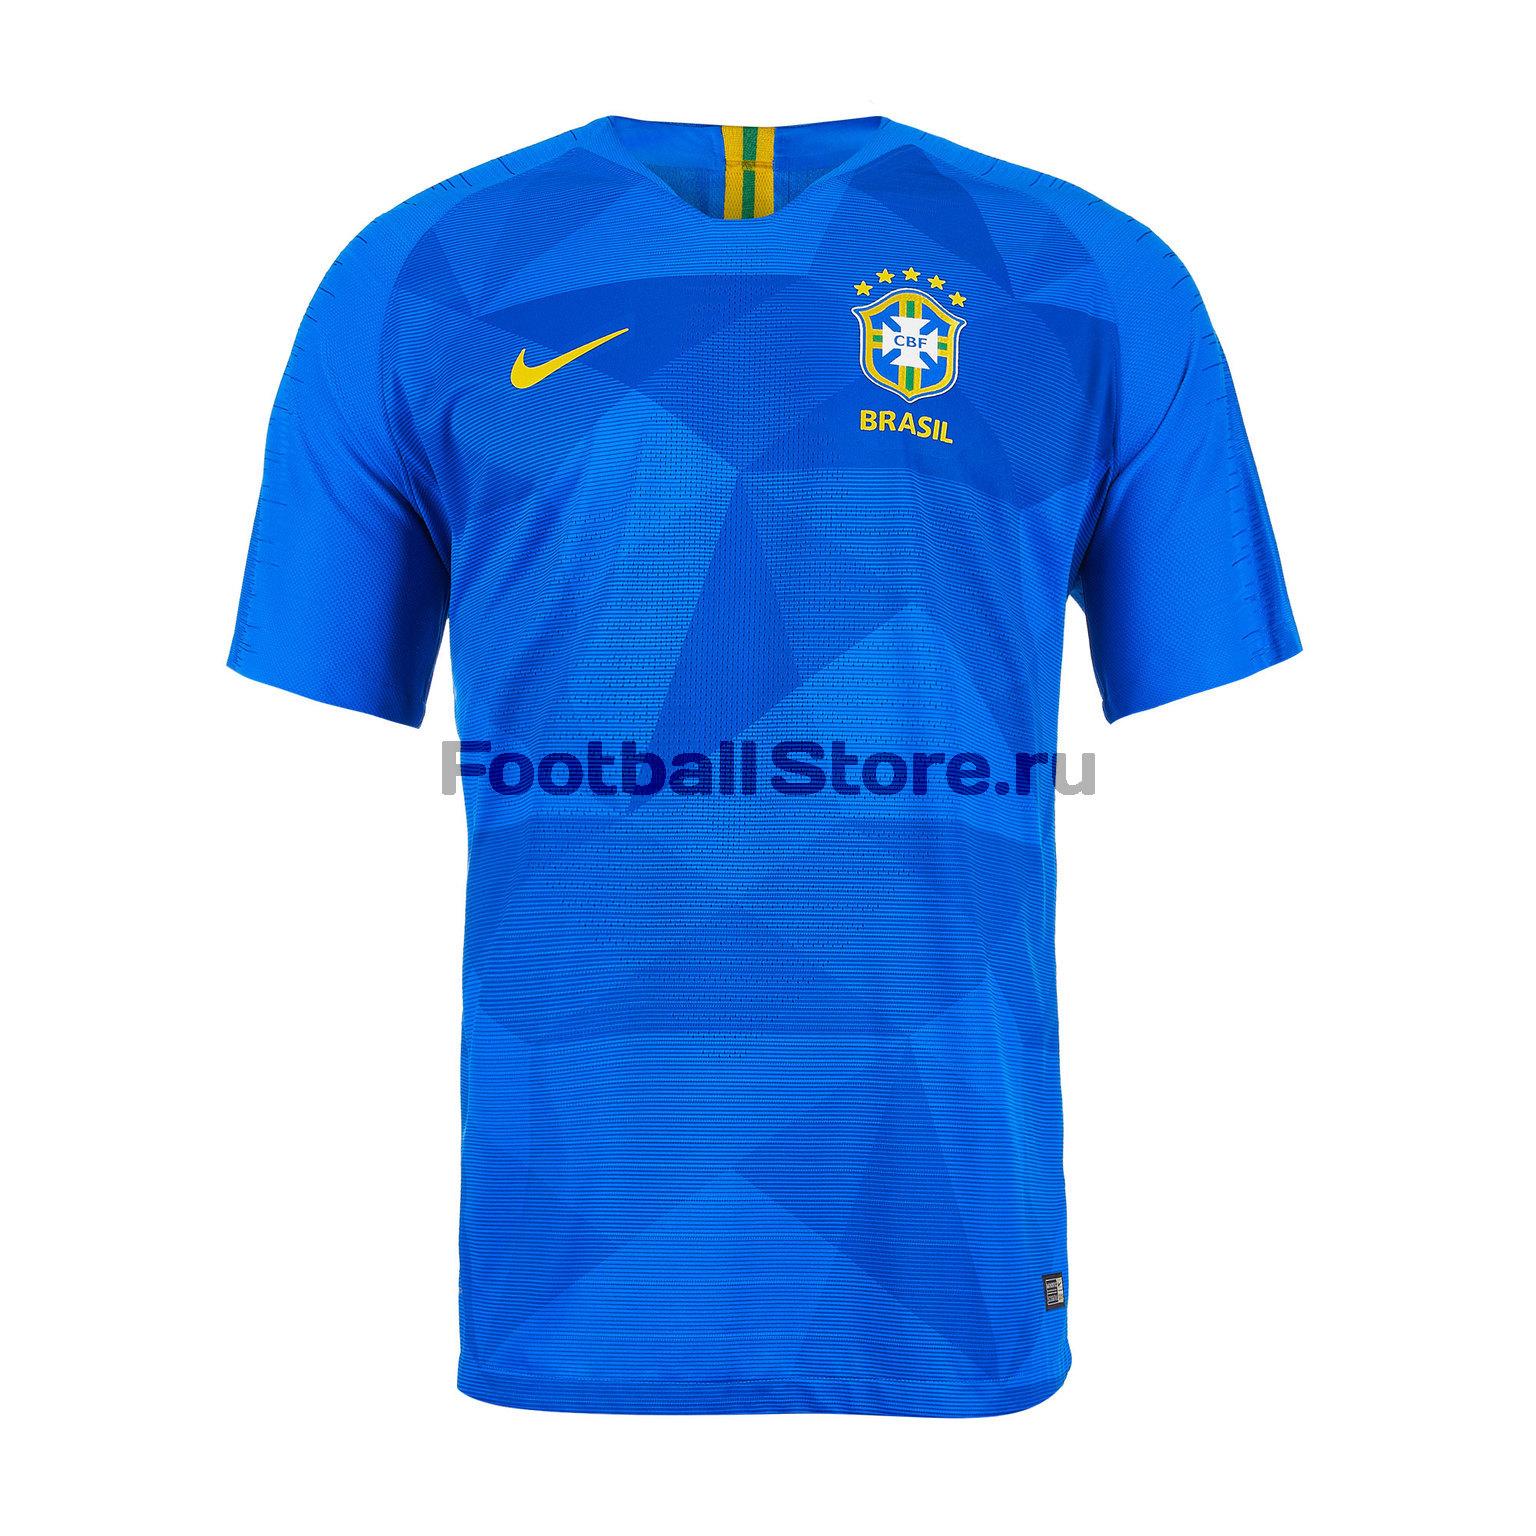 Футболка выездная Nike сборной Бразилии 893857-453 брюки тренировочные nike сборной бразилии 893122 454